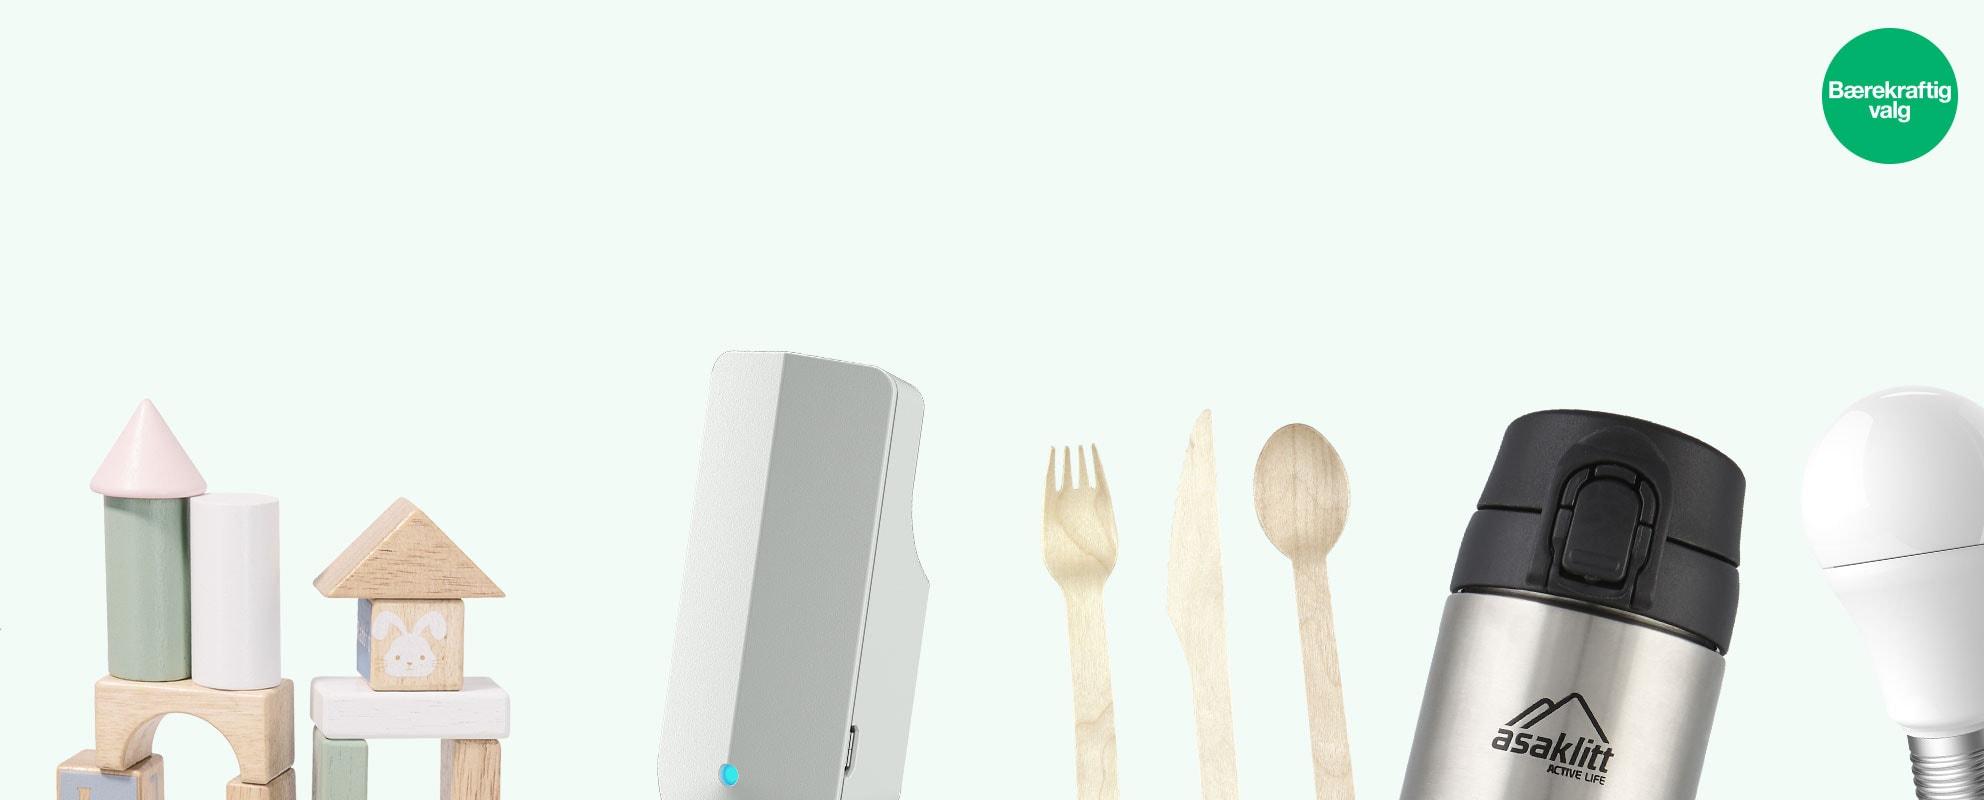 Bærekraftige produkter